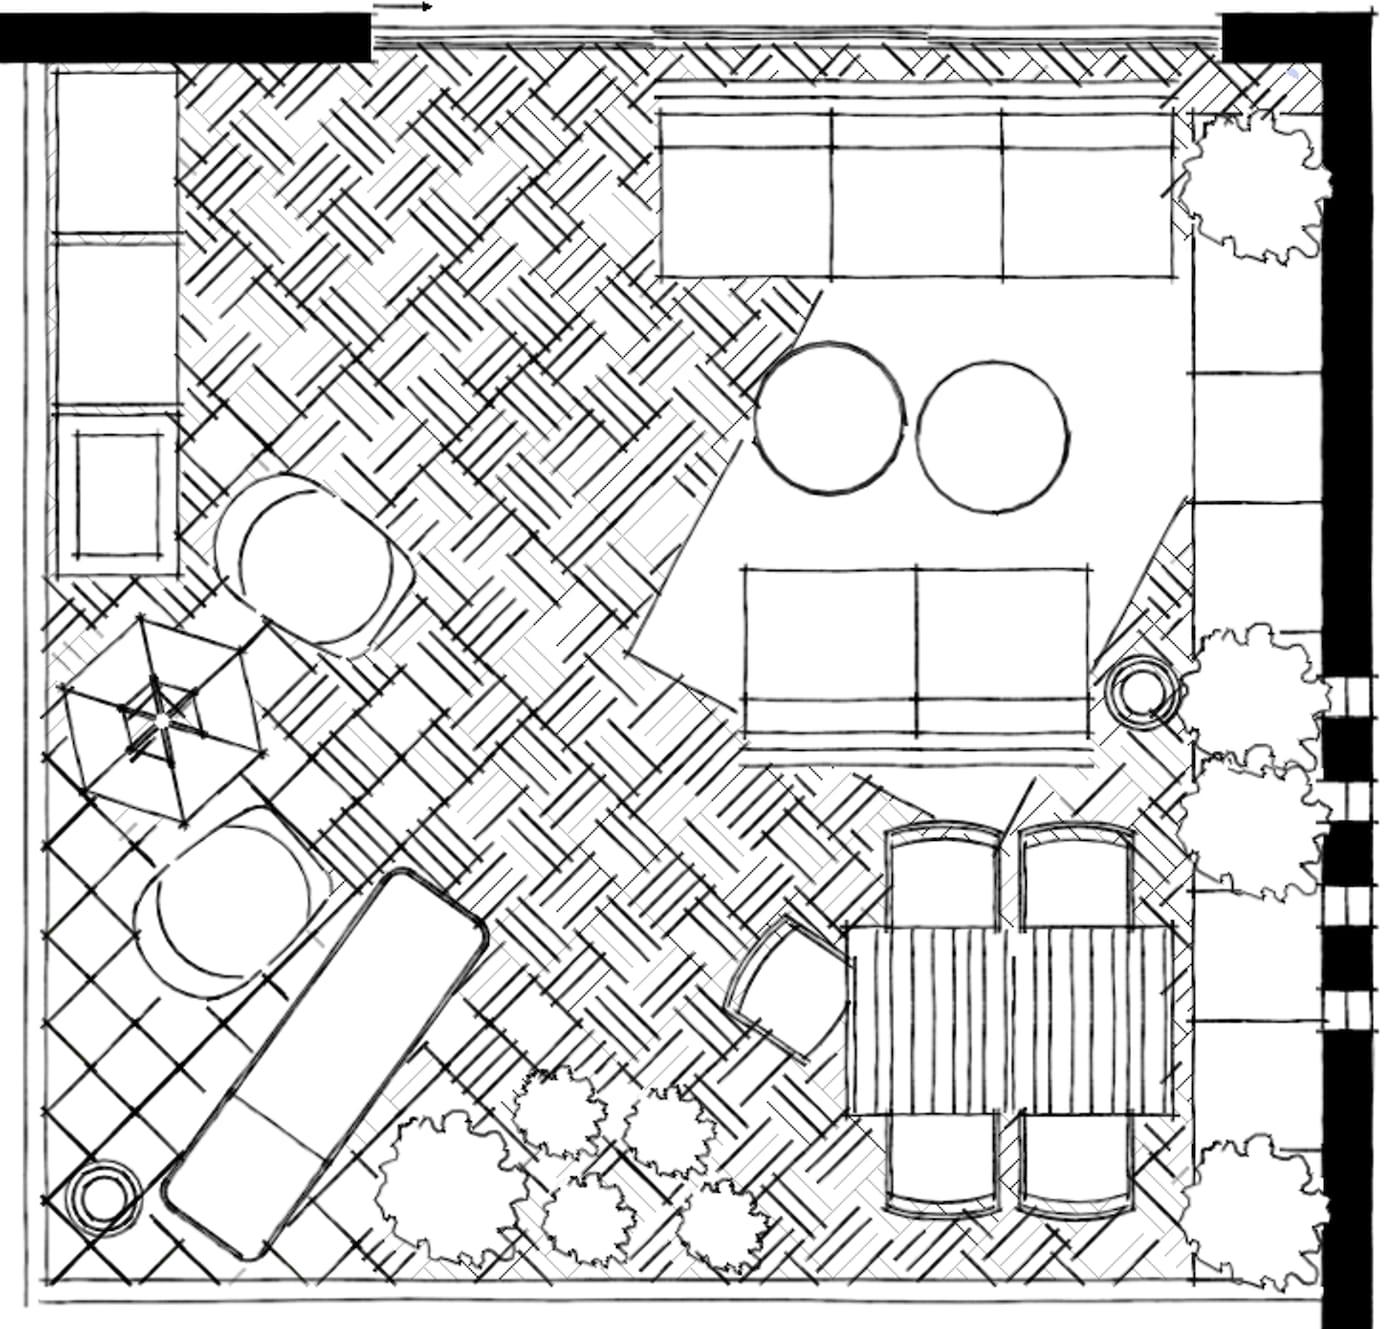 Ikea Zitzak Buiten.Troosteloze Tuin Woonfrustratie Van Nienke Resley Ikea